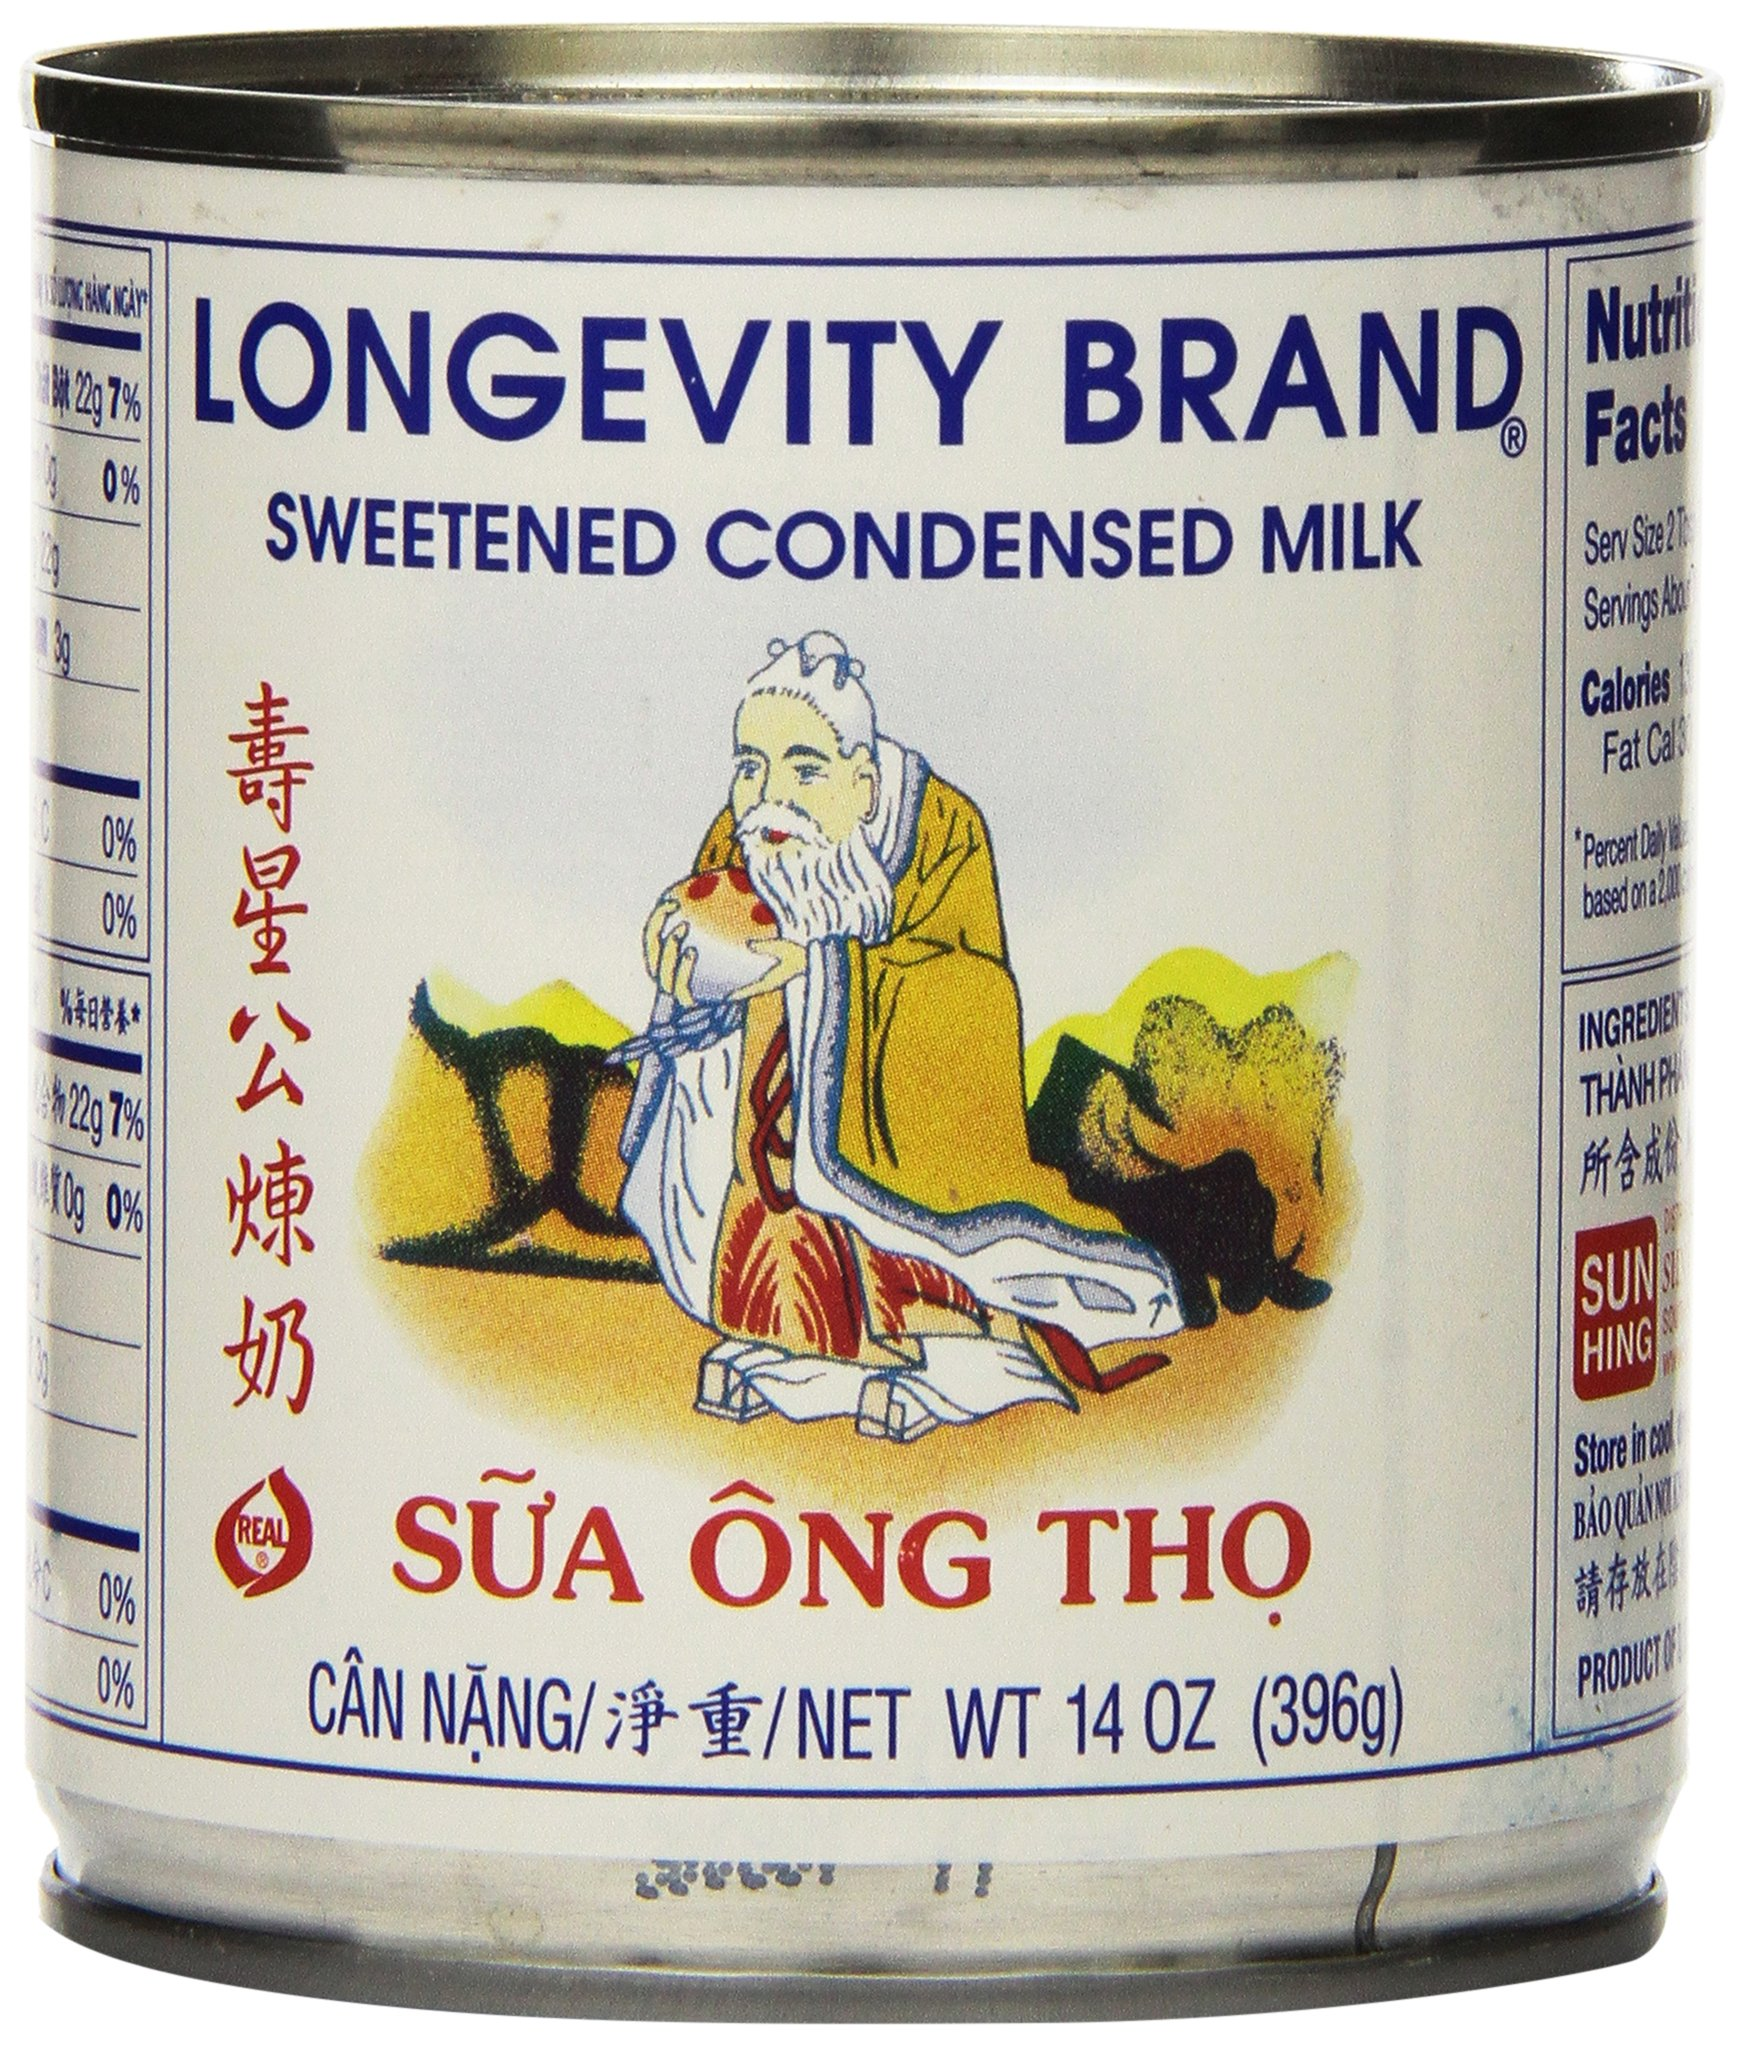 Longevity Sweetened Condensed Milk